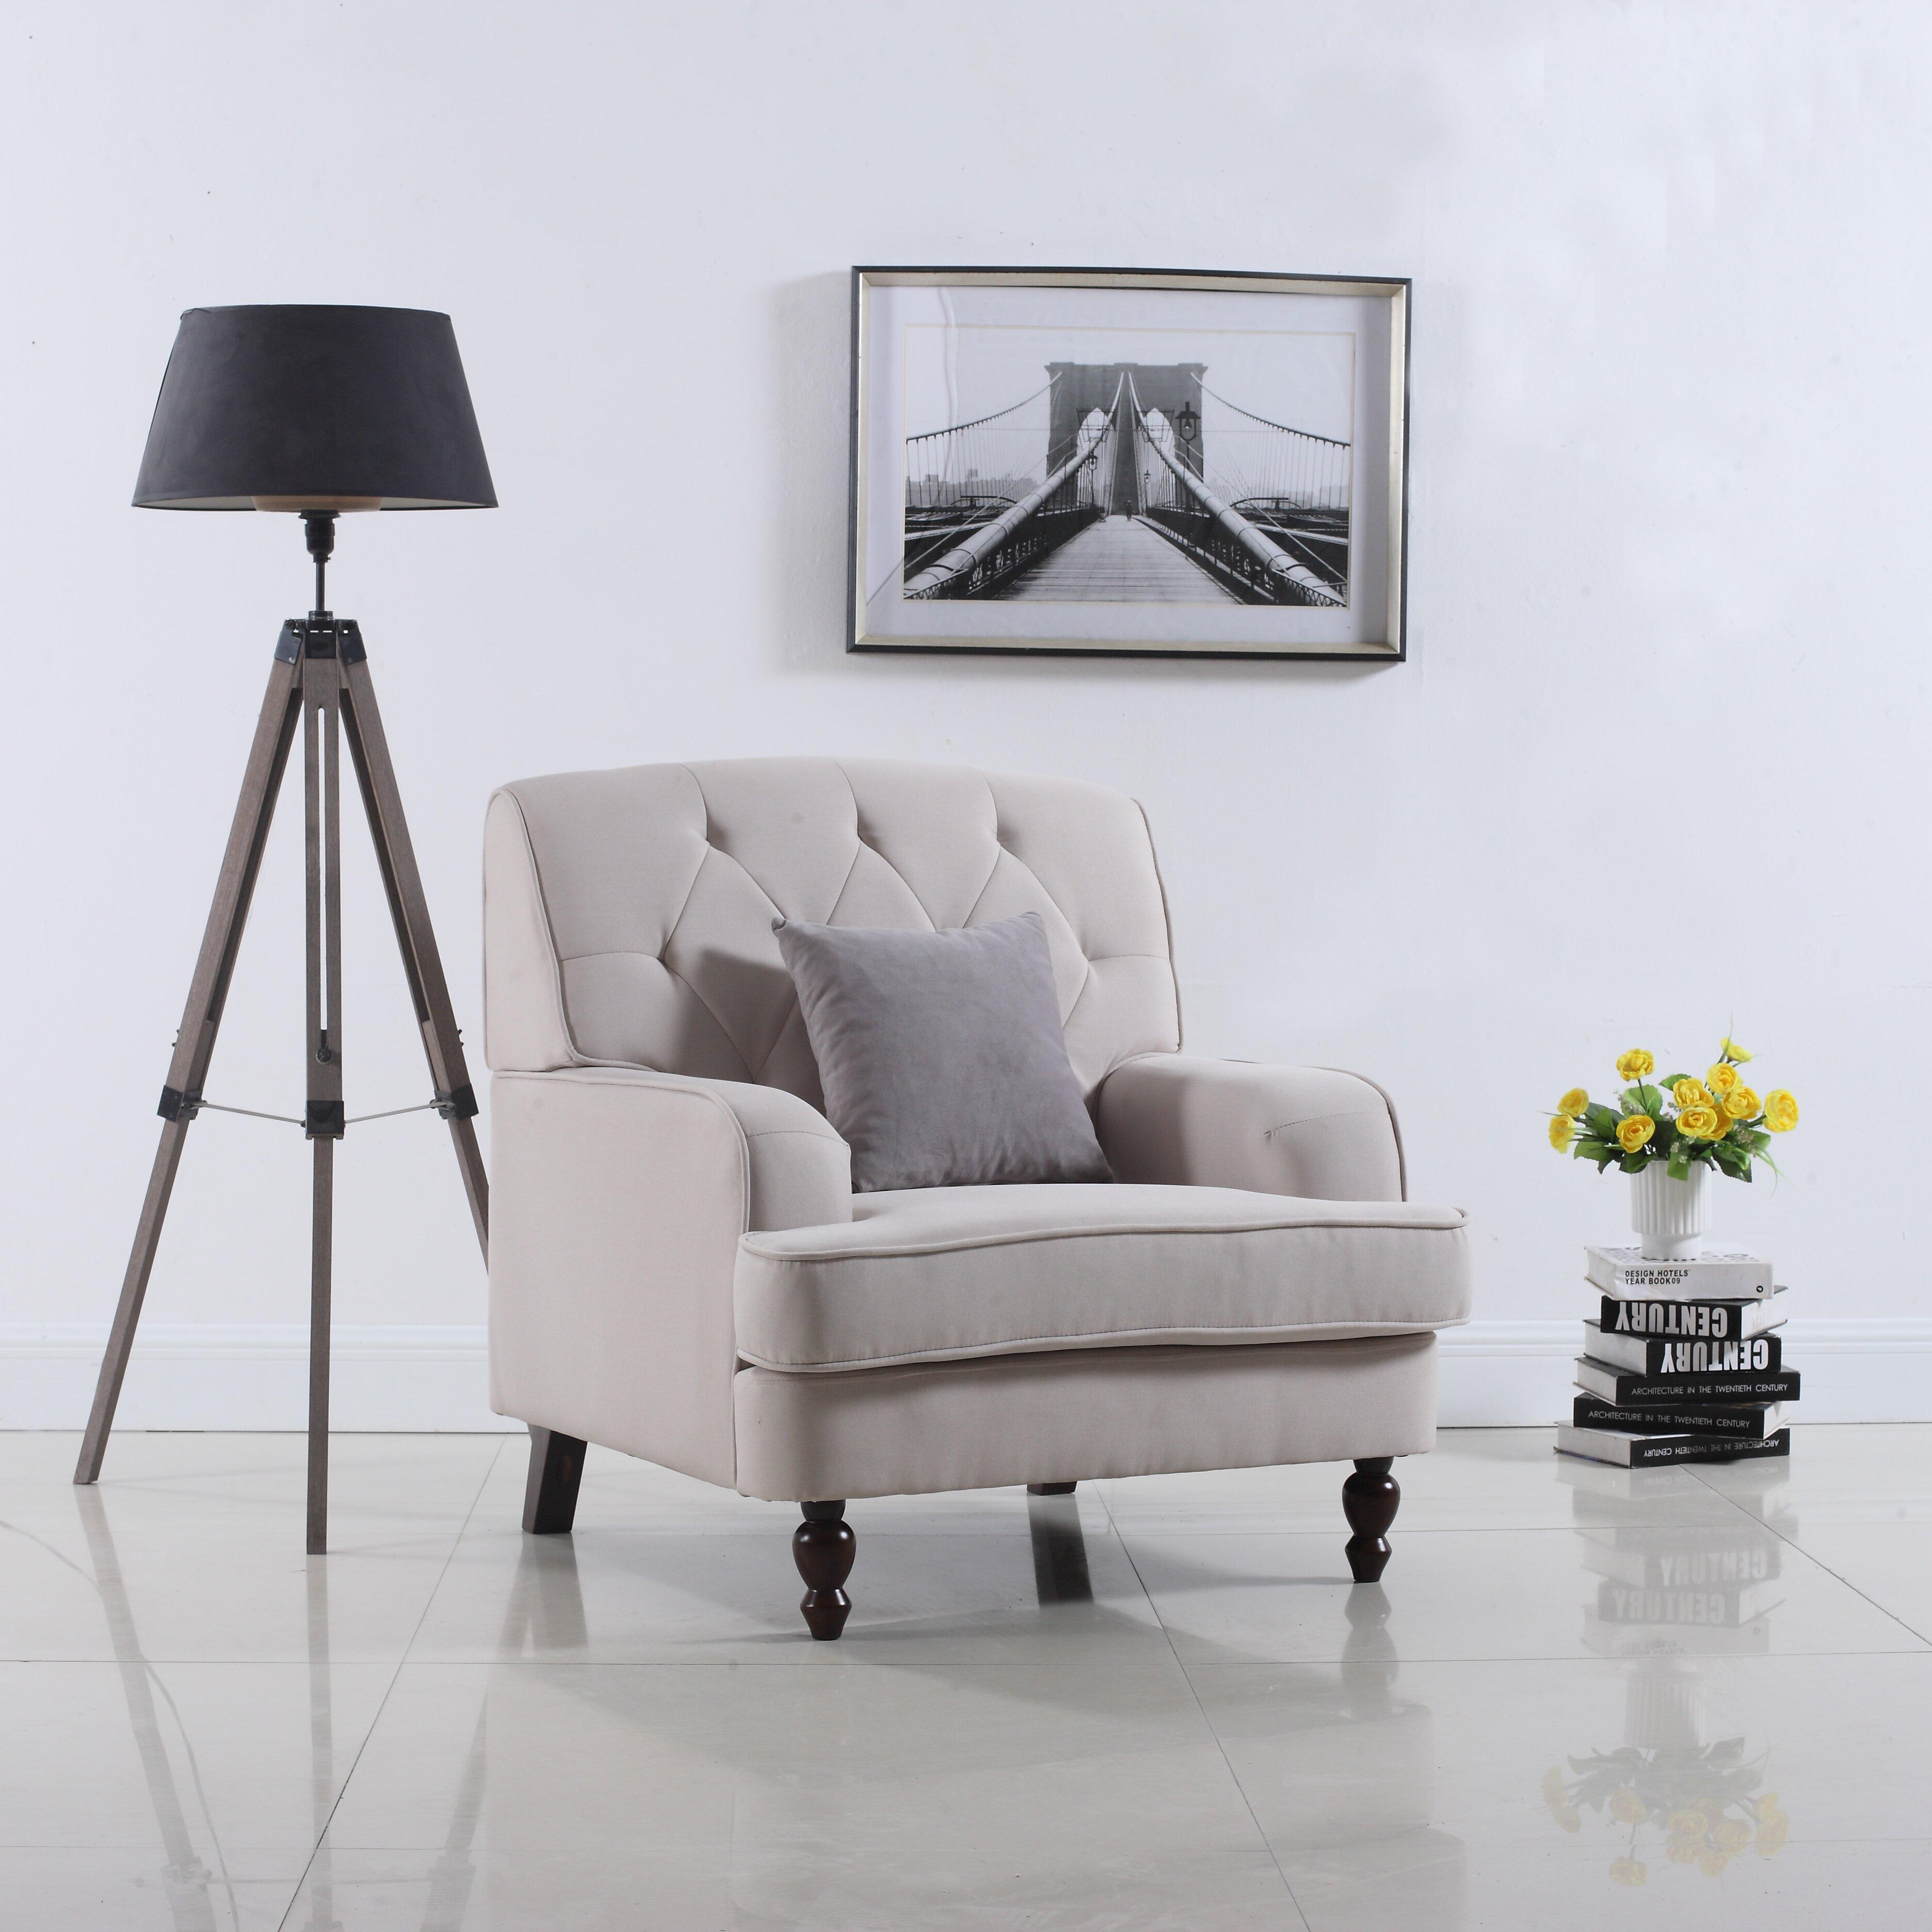 Living Room Arm Chair Madison Home Usa Modern Tufted Fabric Living Room Arm Chair